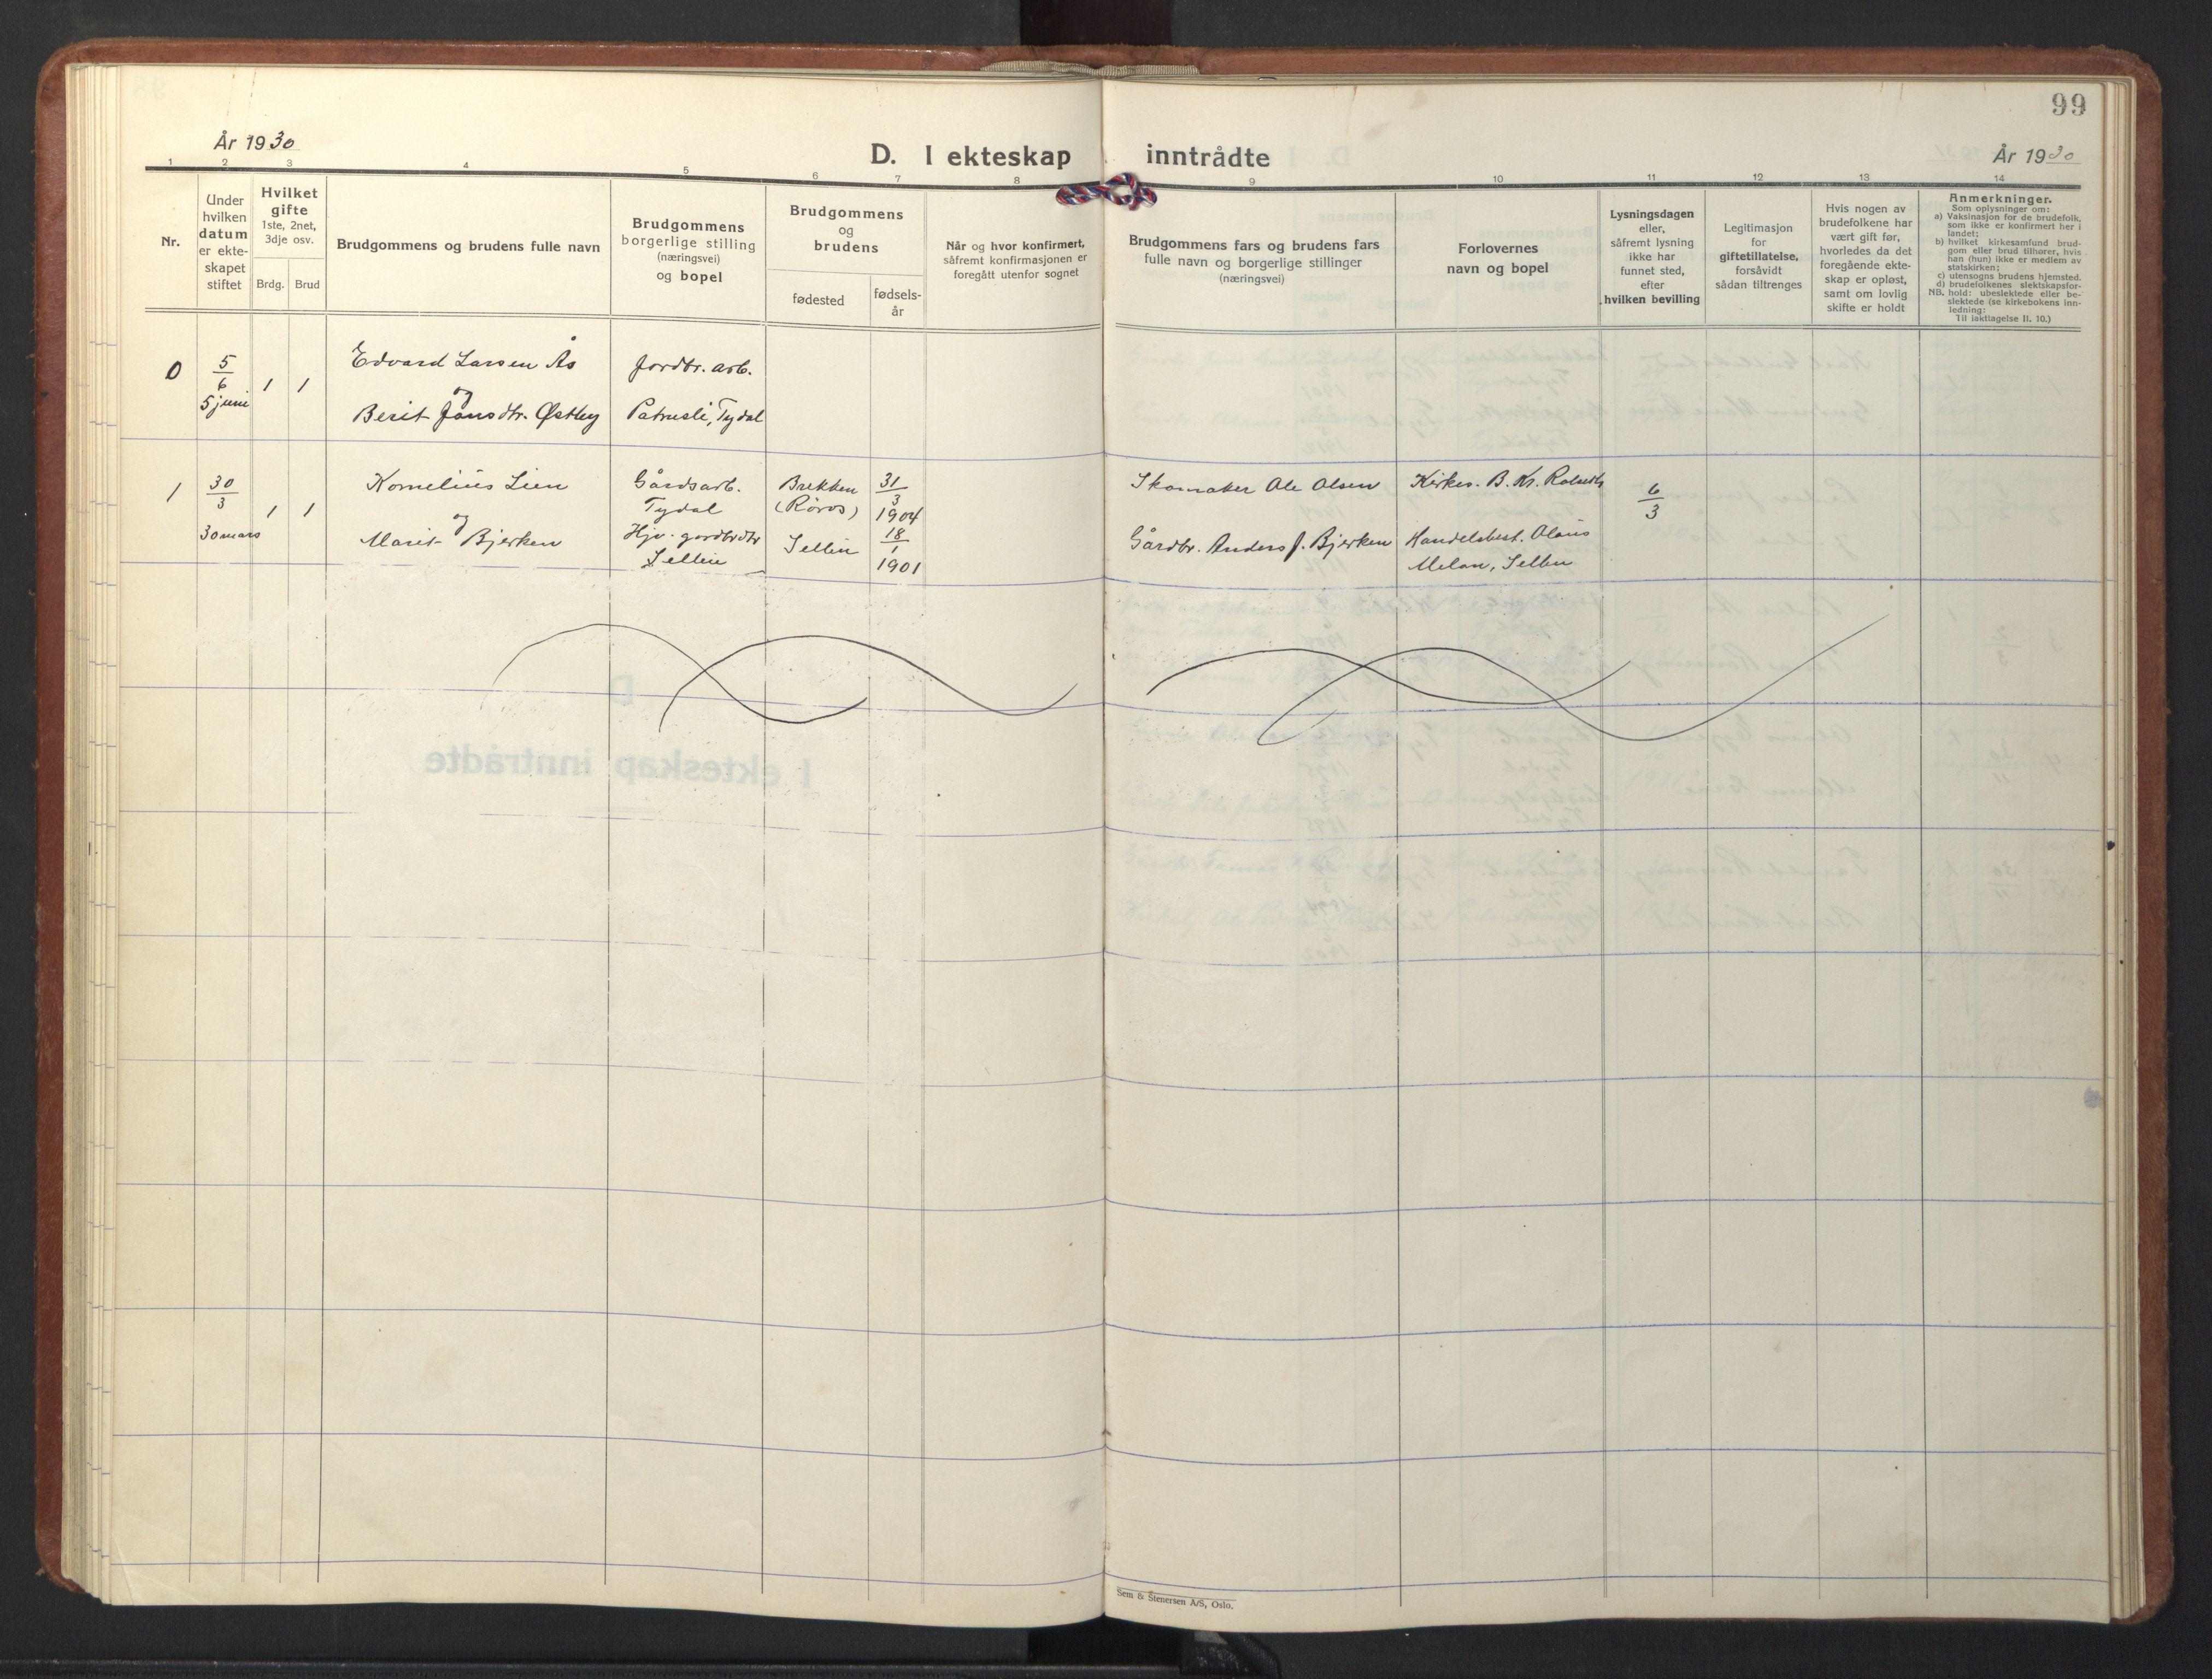 SAT, Ministerialprotokoller, klokkerbøker og fødselsregistre - Sør-Trøndelag, 698/L1169: Klokkerbok nr. 698C06, 1930-1949, s. 99